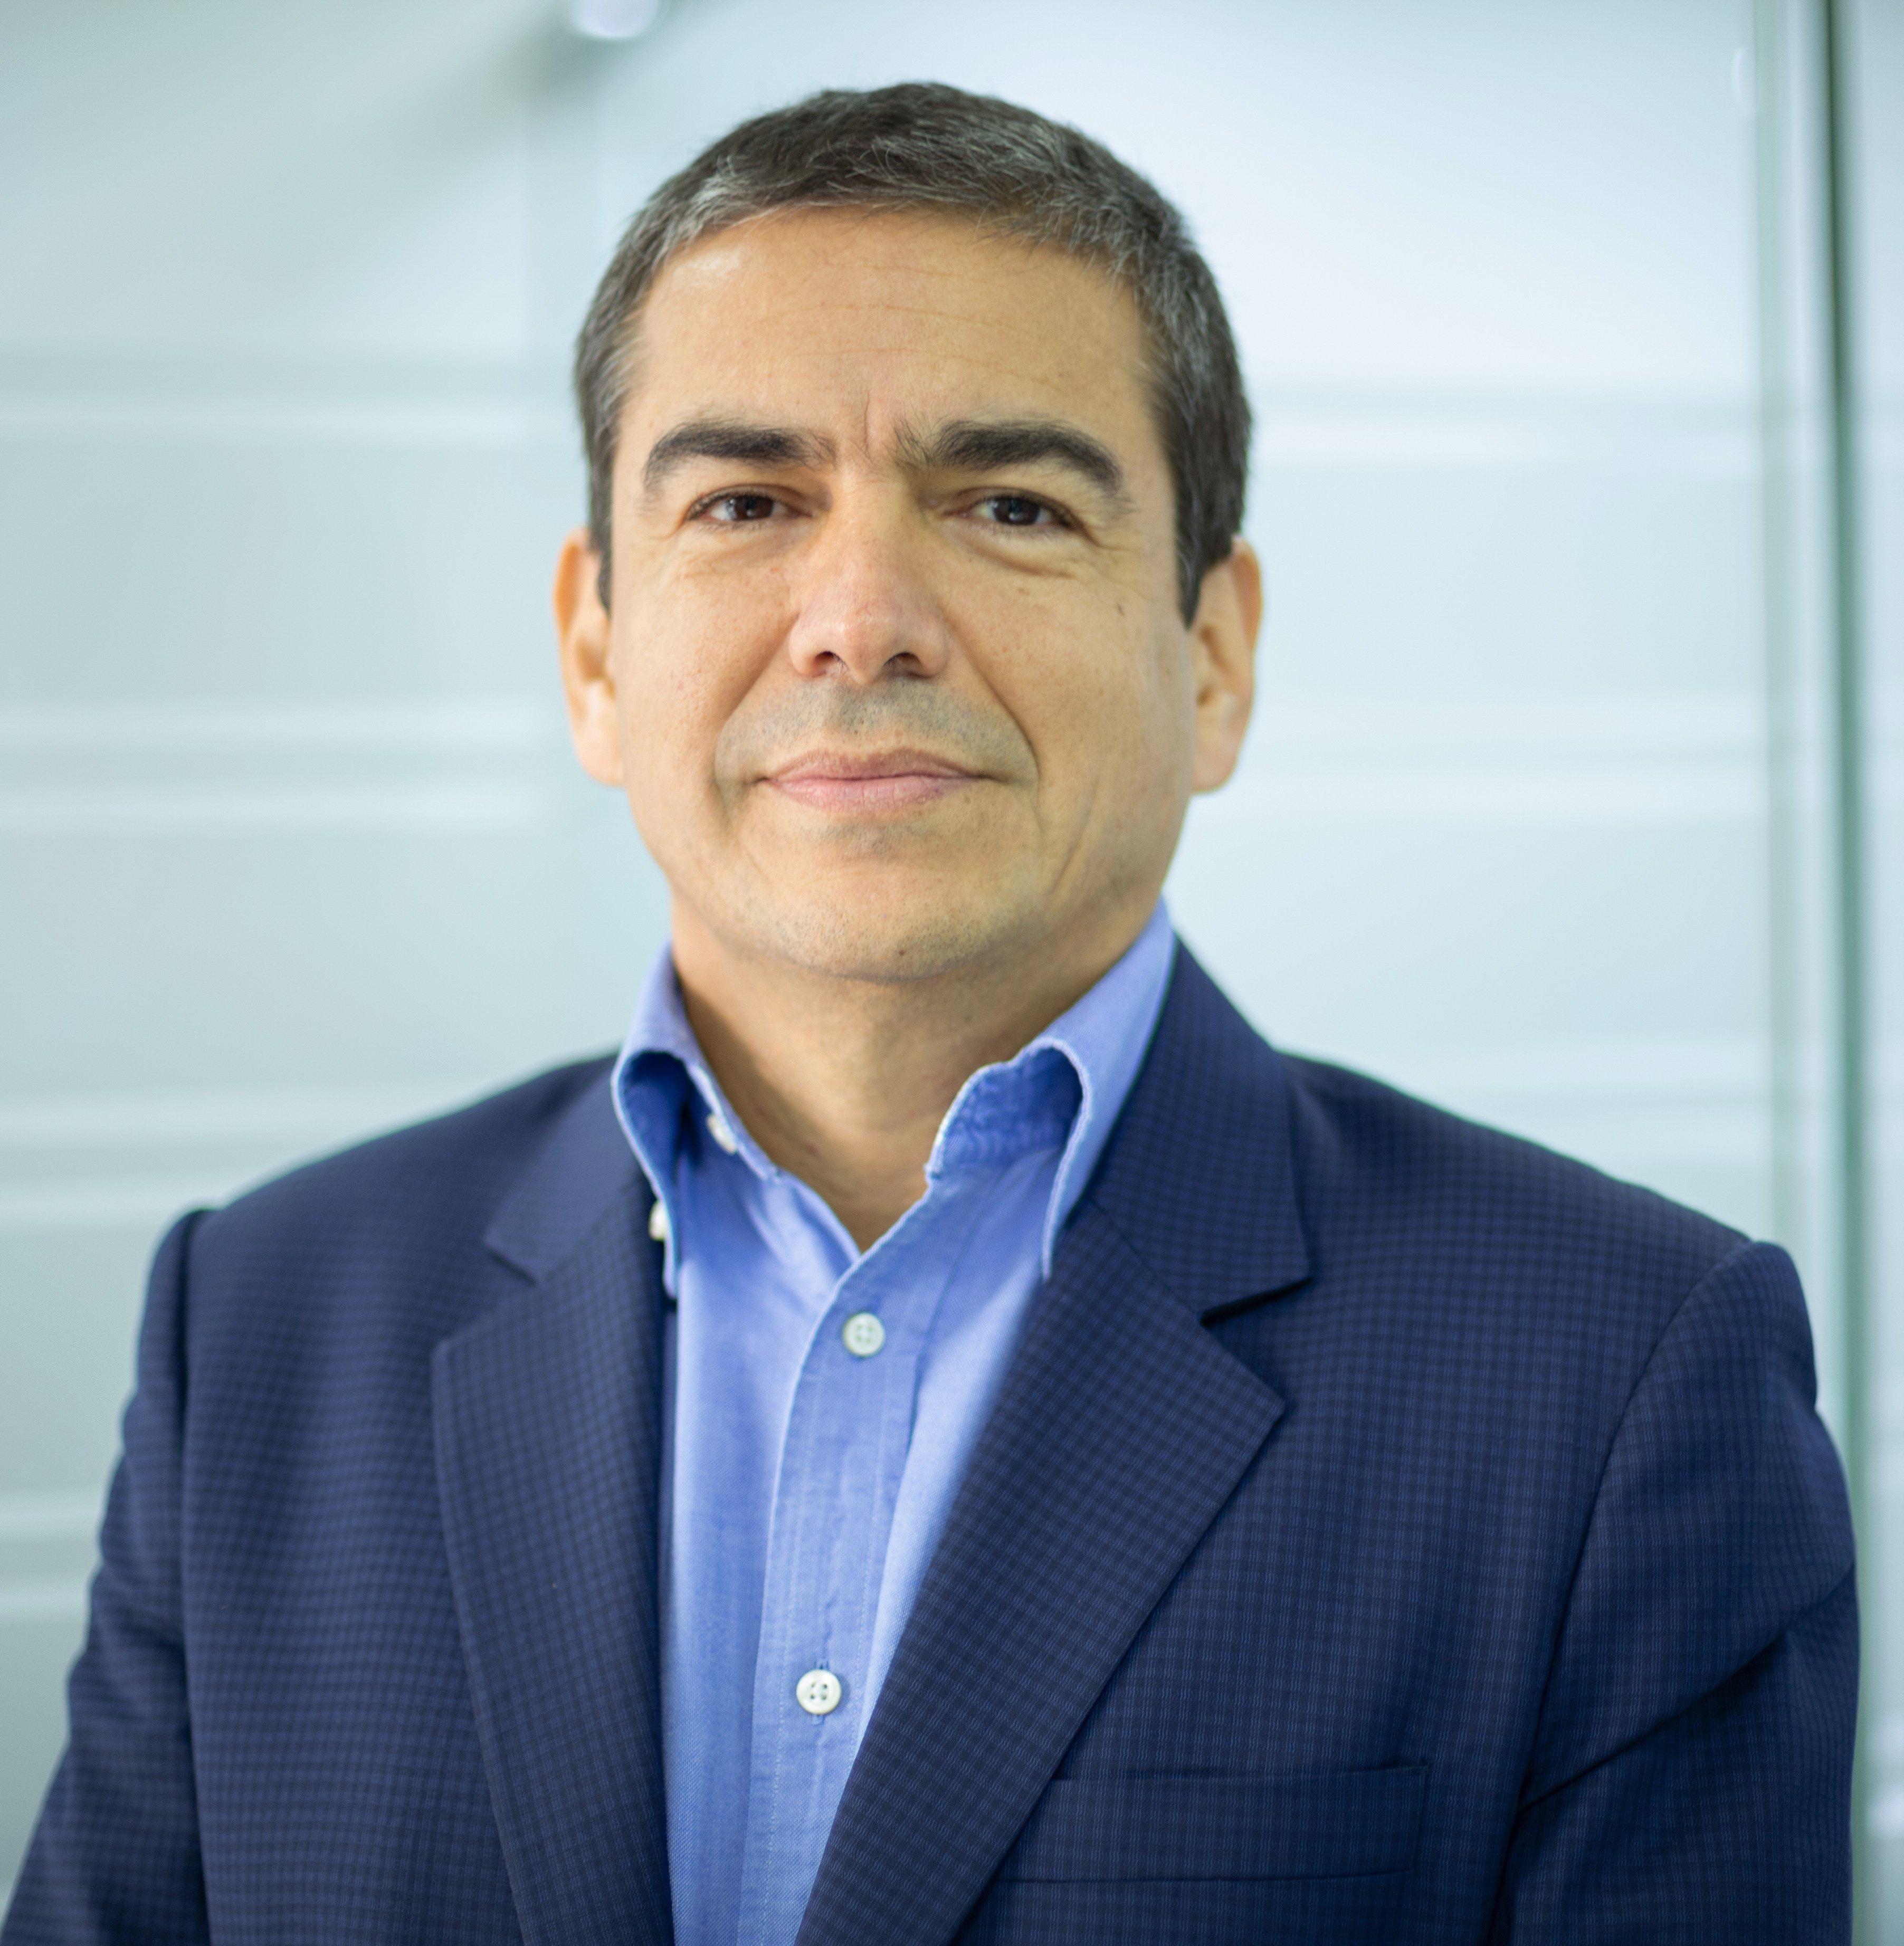 Luis Ernesto Gianoli